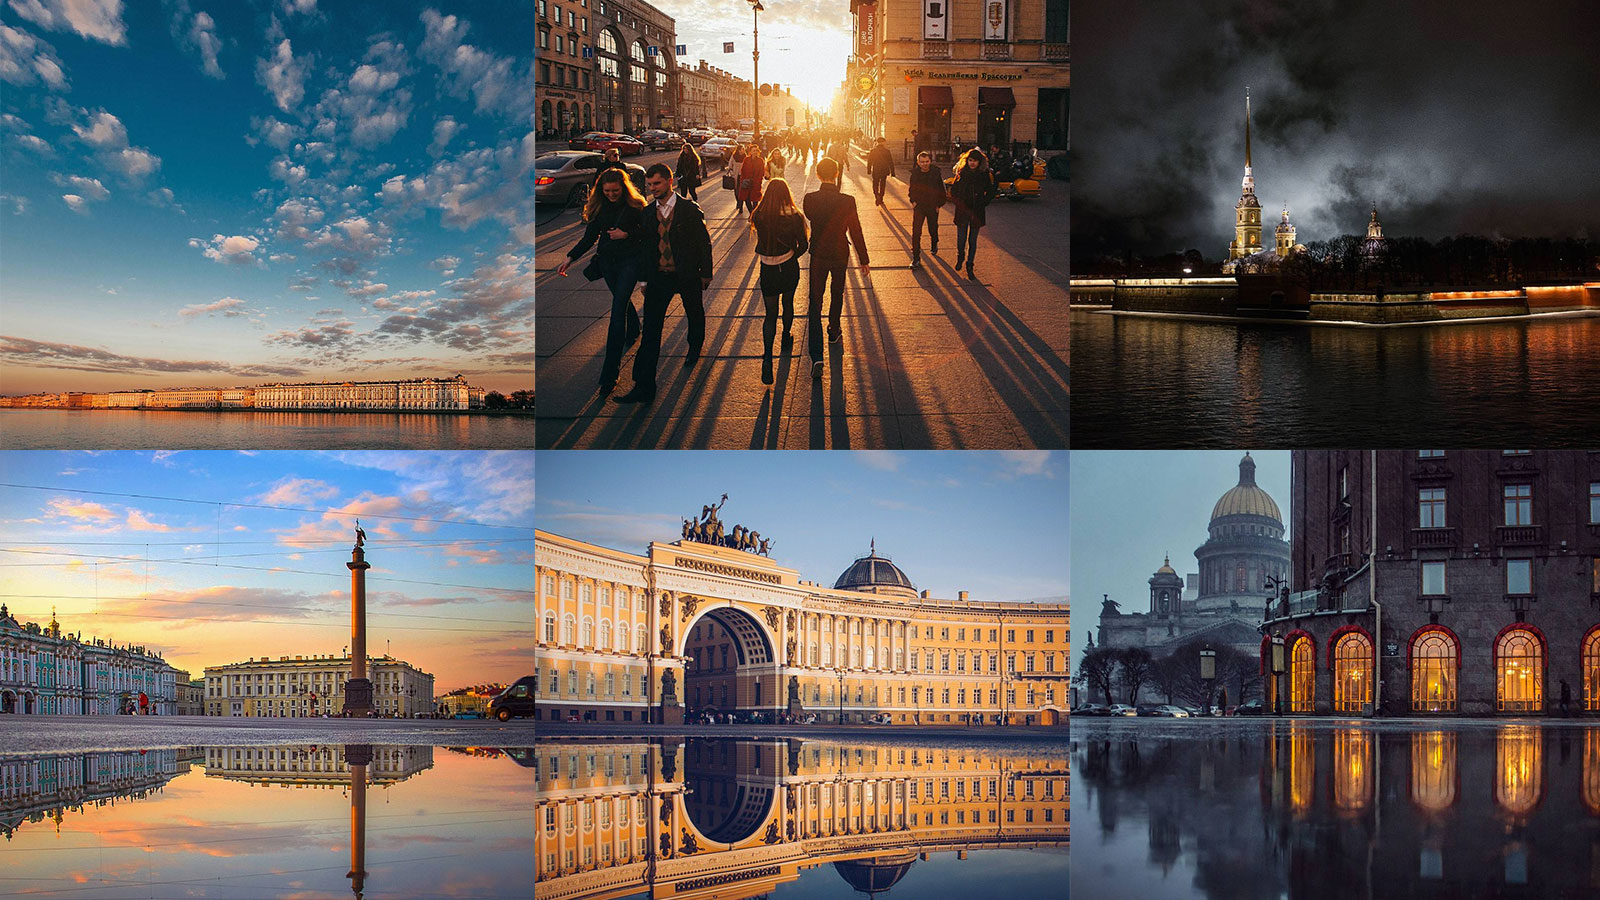 Наблюдая за Петербургом в снимках Instagram